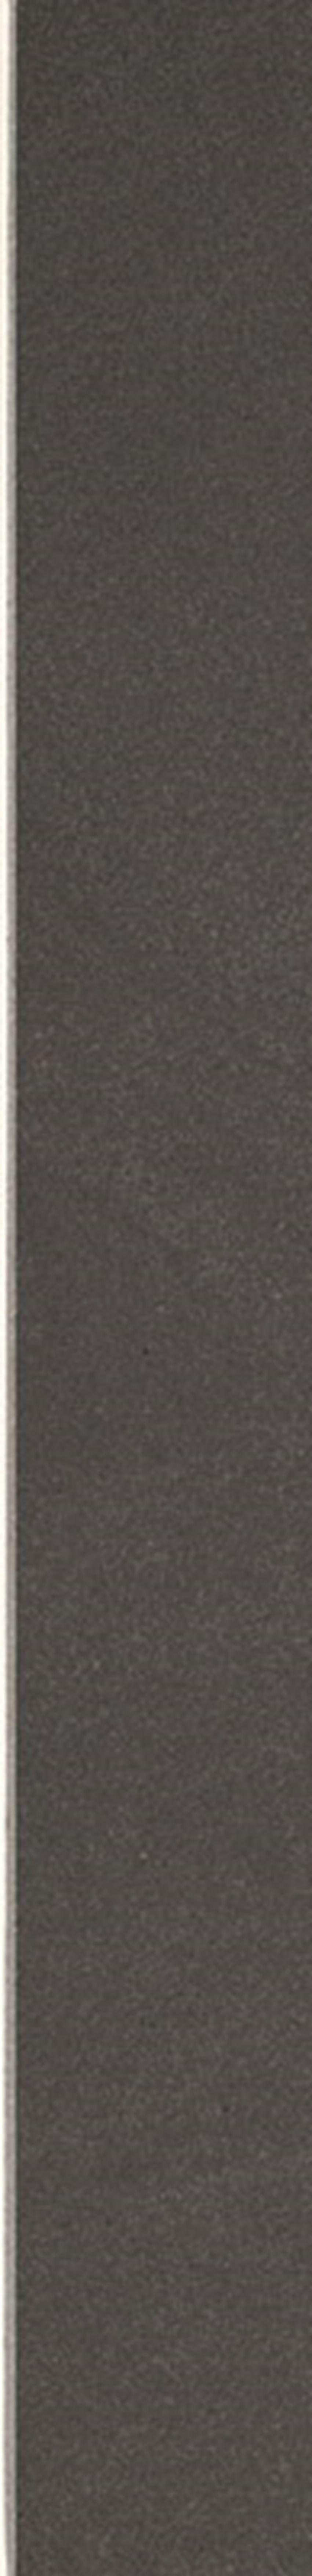 Płytka cokołowa 7,2x59,8 cm Paradyż Rockstone Grafit Cokół Mat